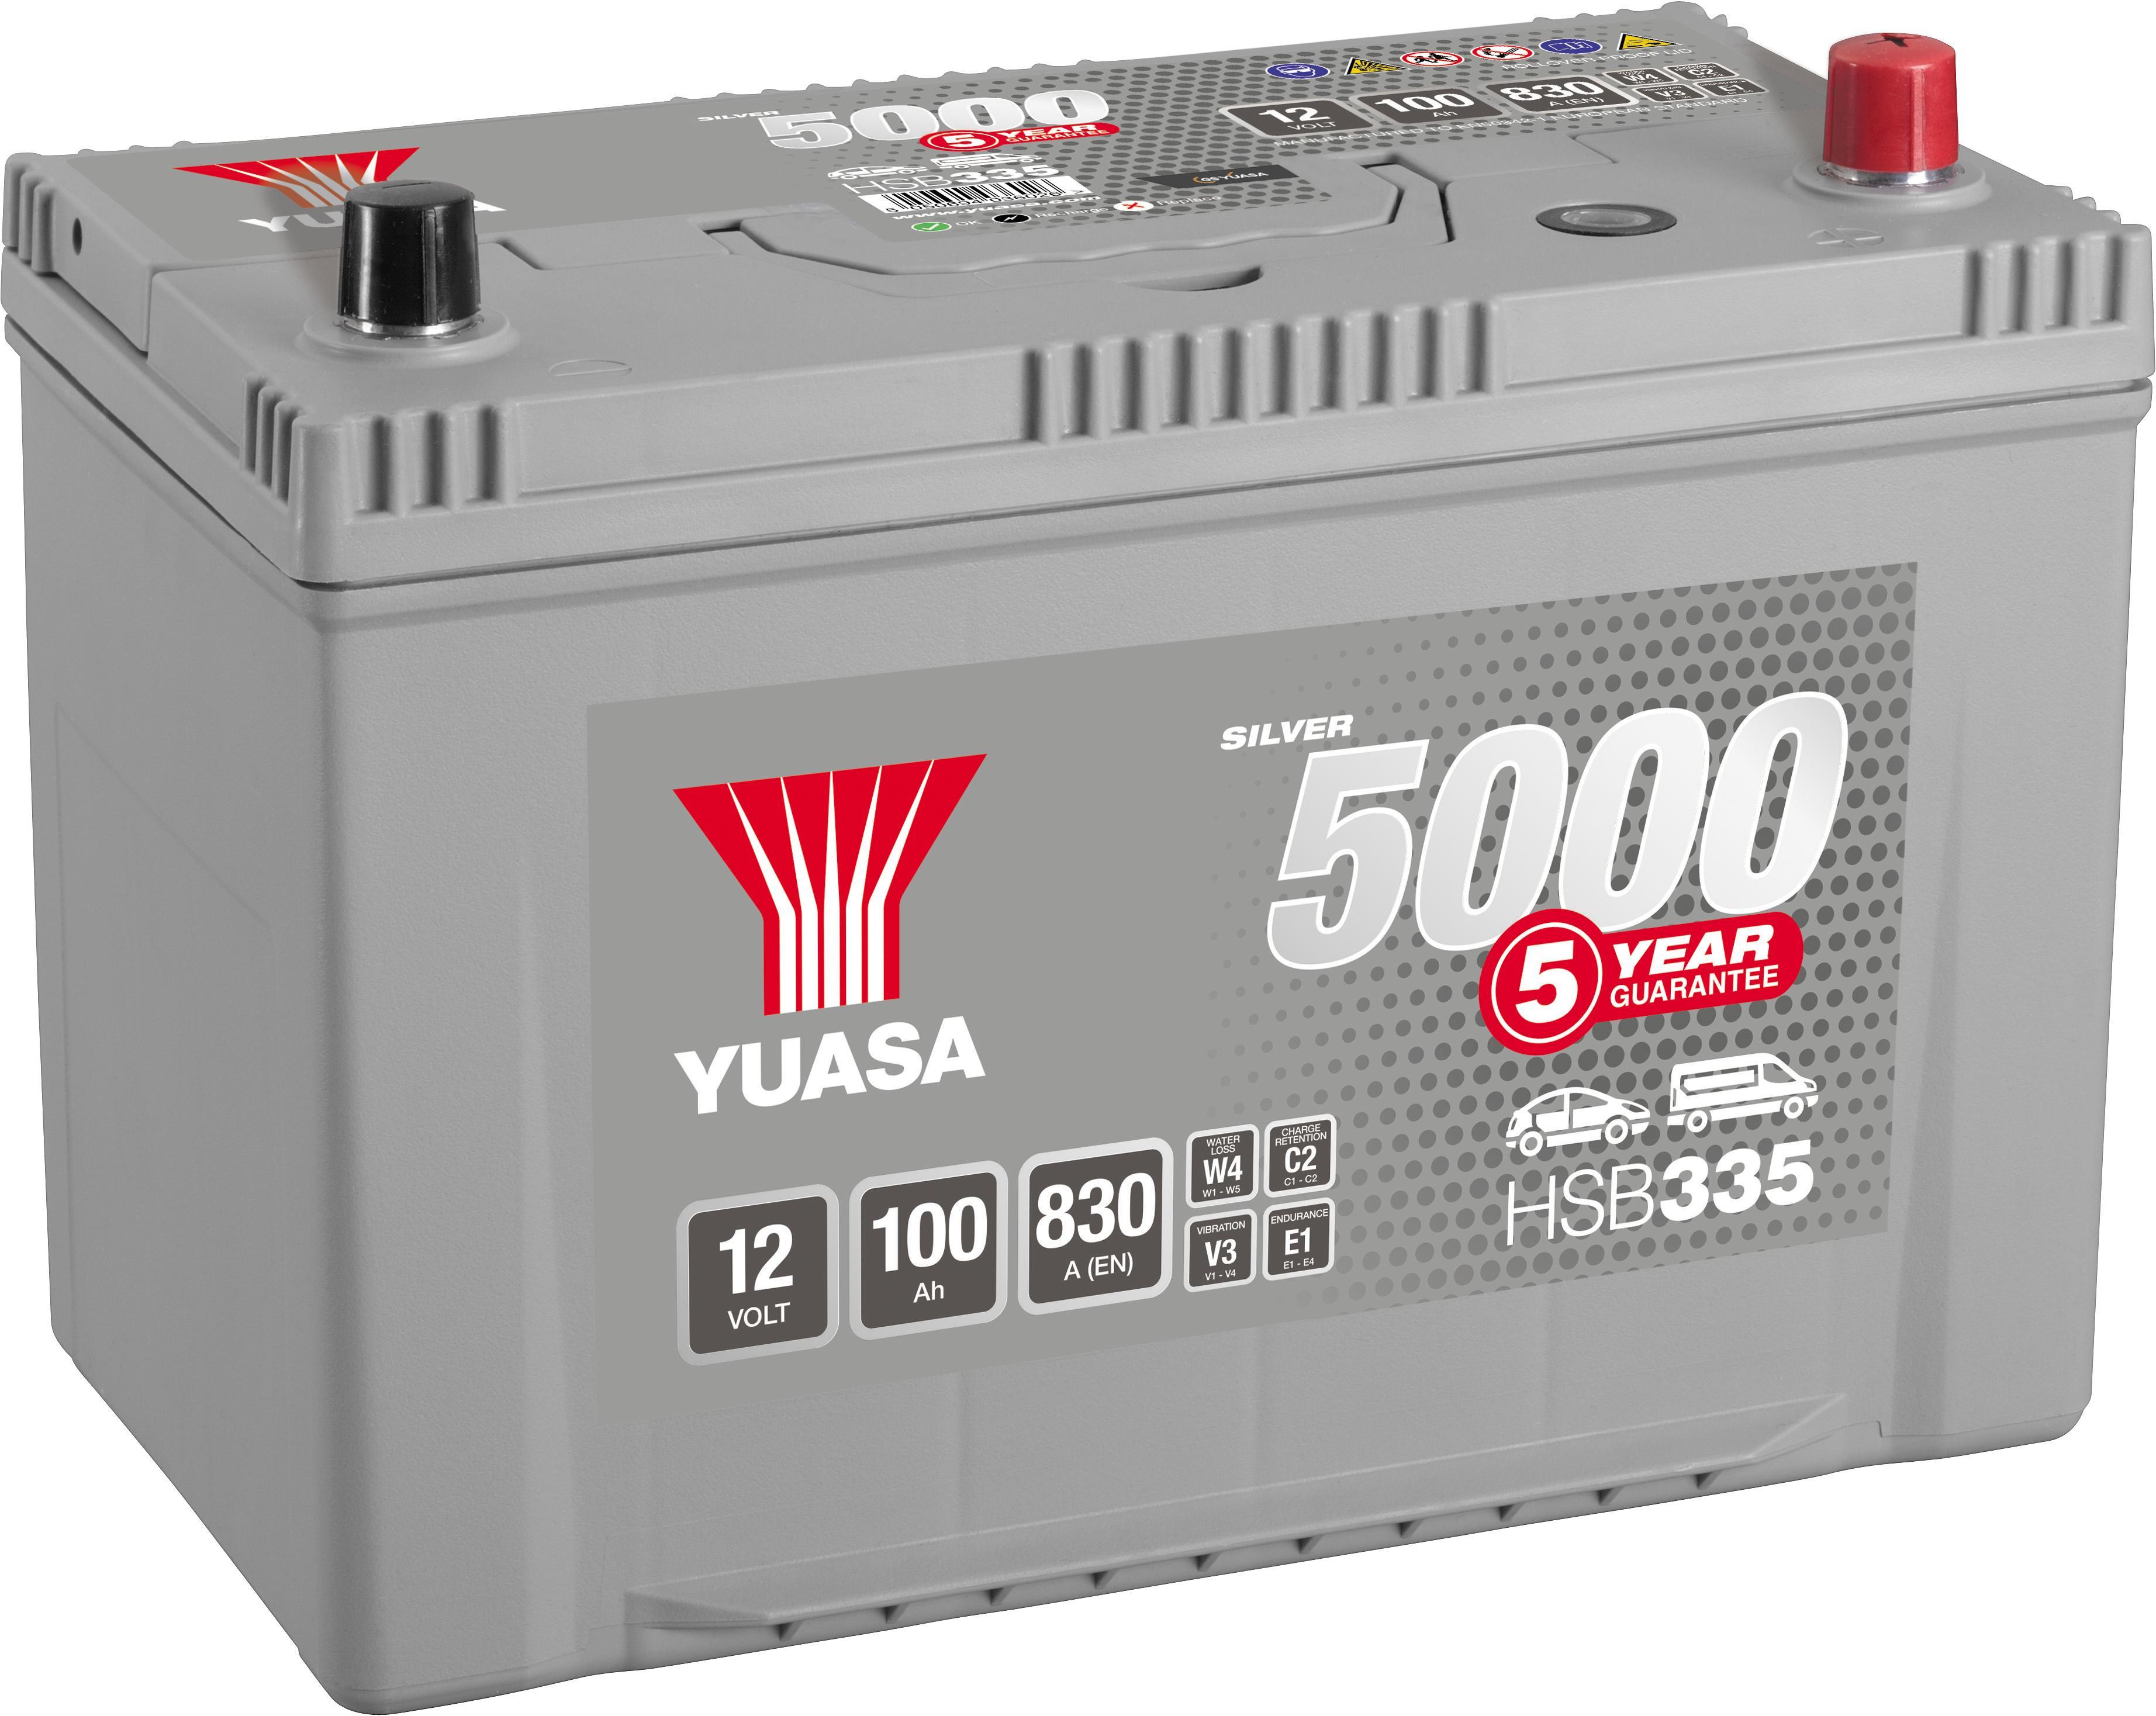 Yuasa Silver Batteries